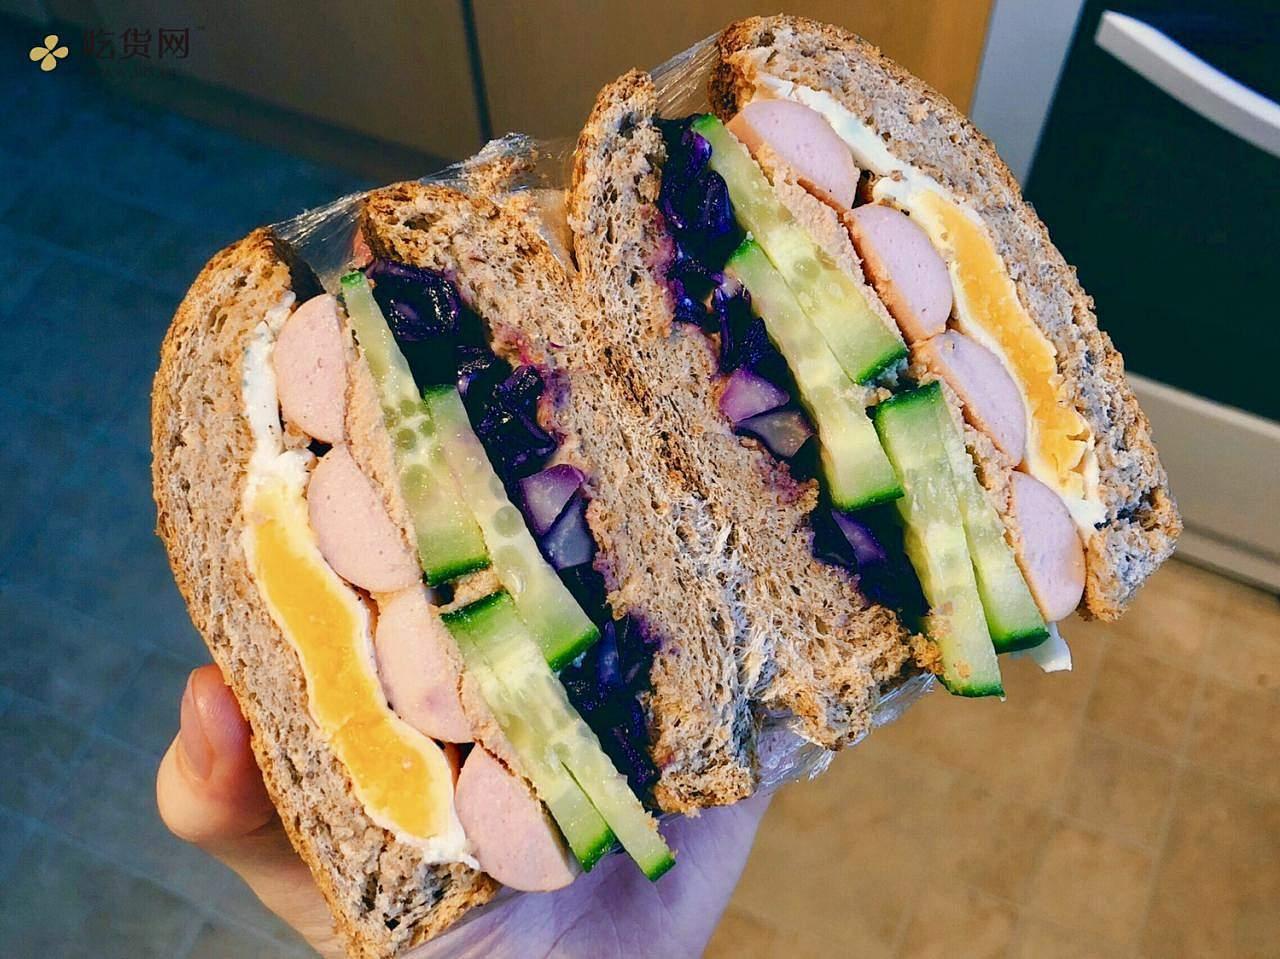 视觉味觉爆炸的全麦三明治系列|减脂万能公式 欢迎来玩!的做法 步骤10